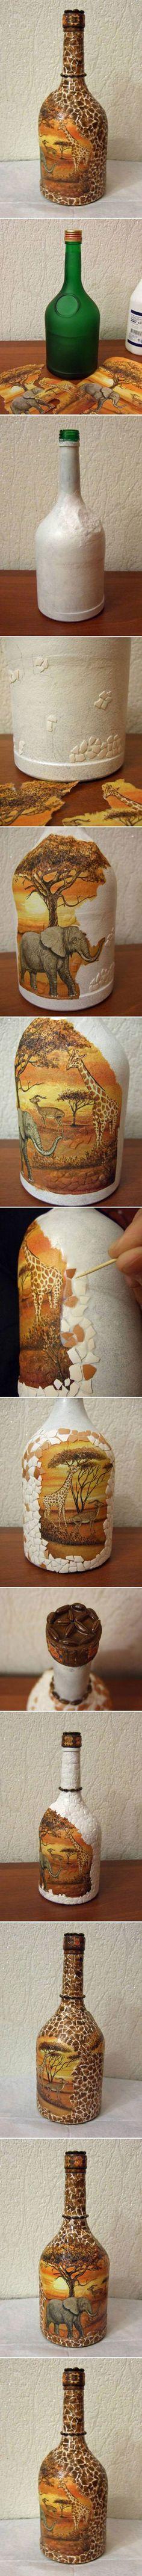 handmade-sticla-decorativa-africana-1